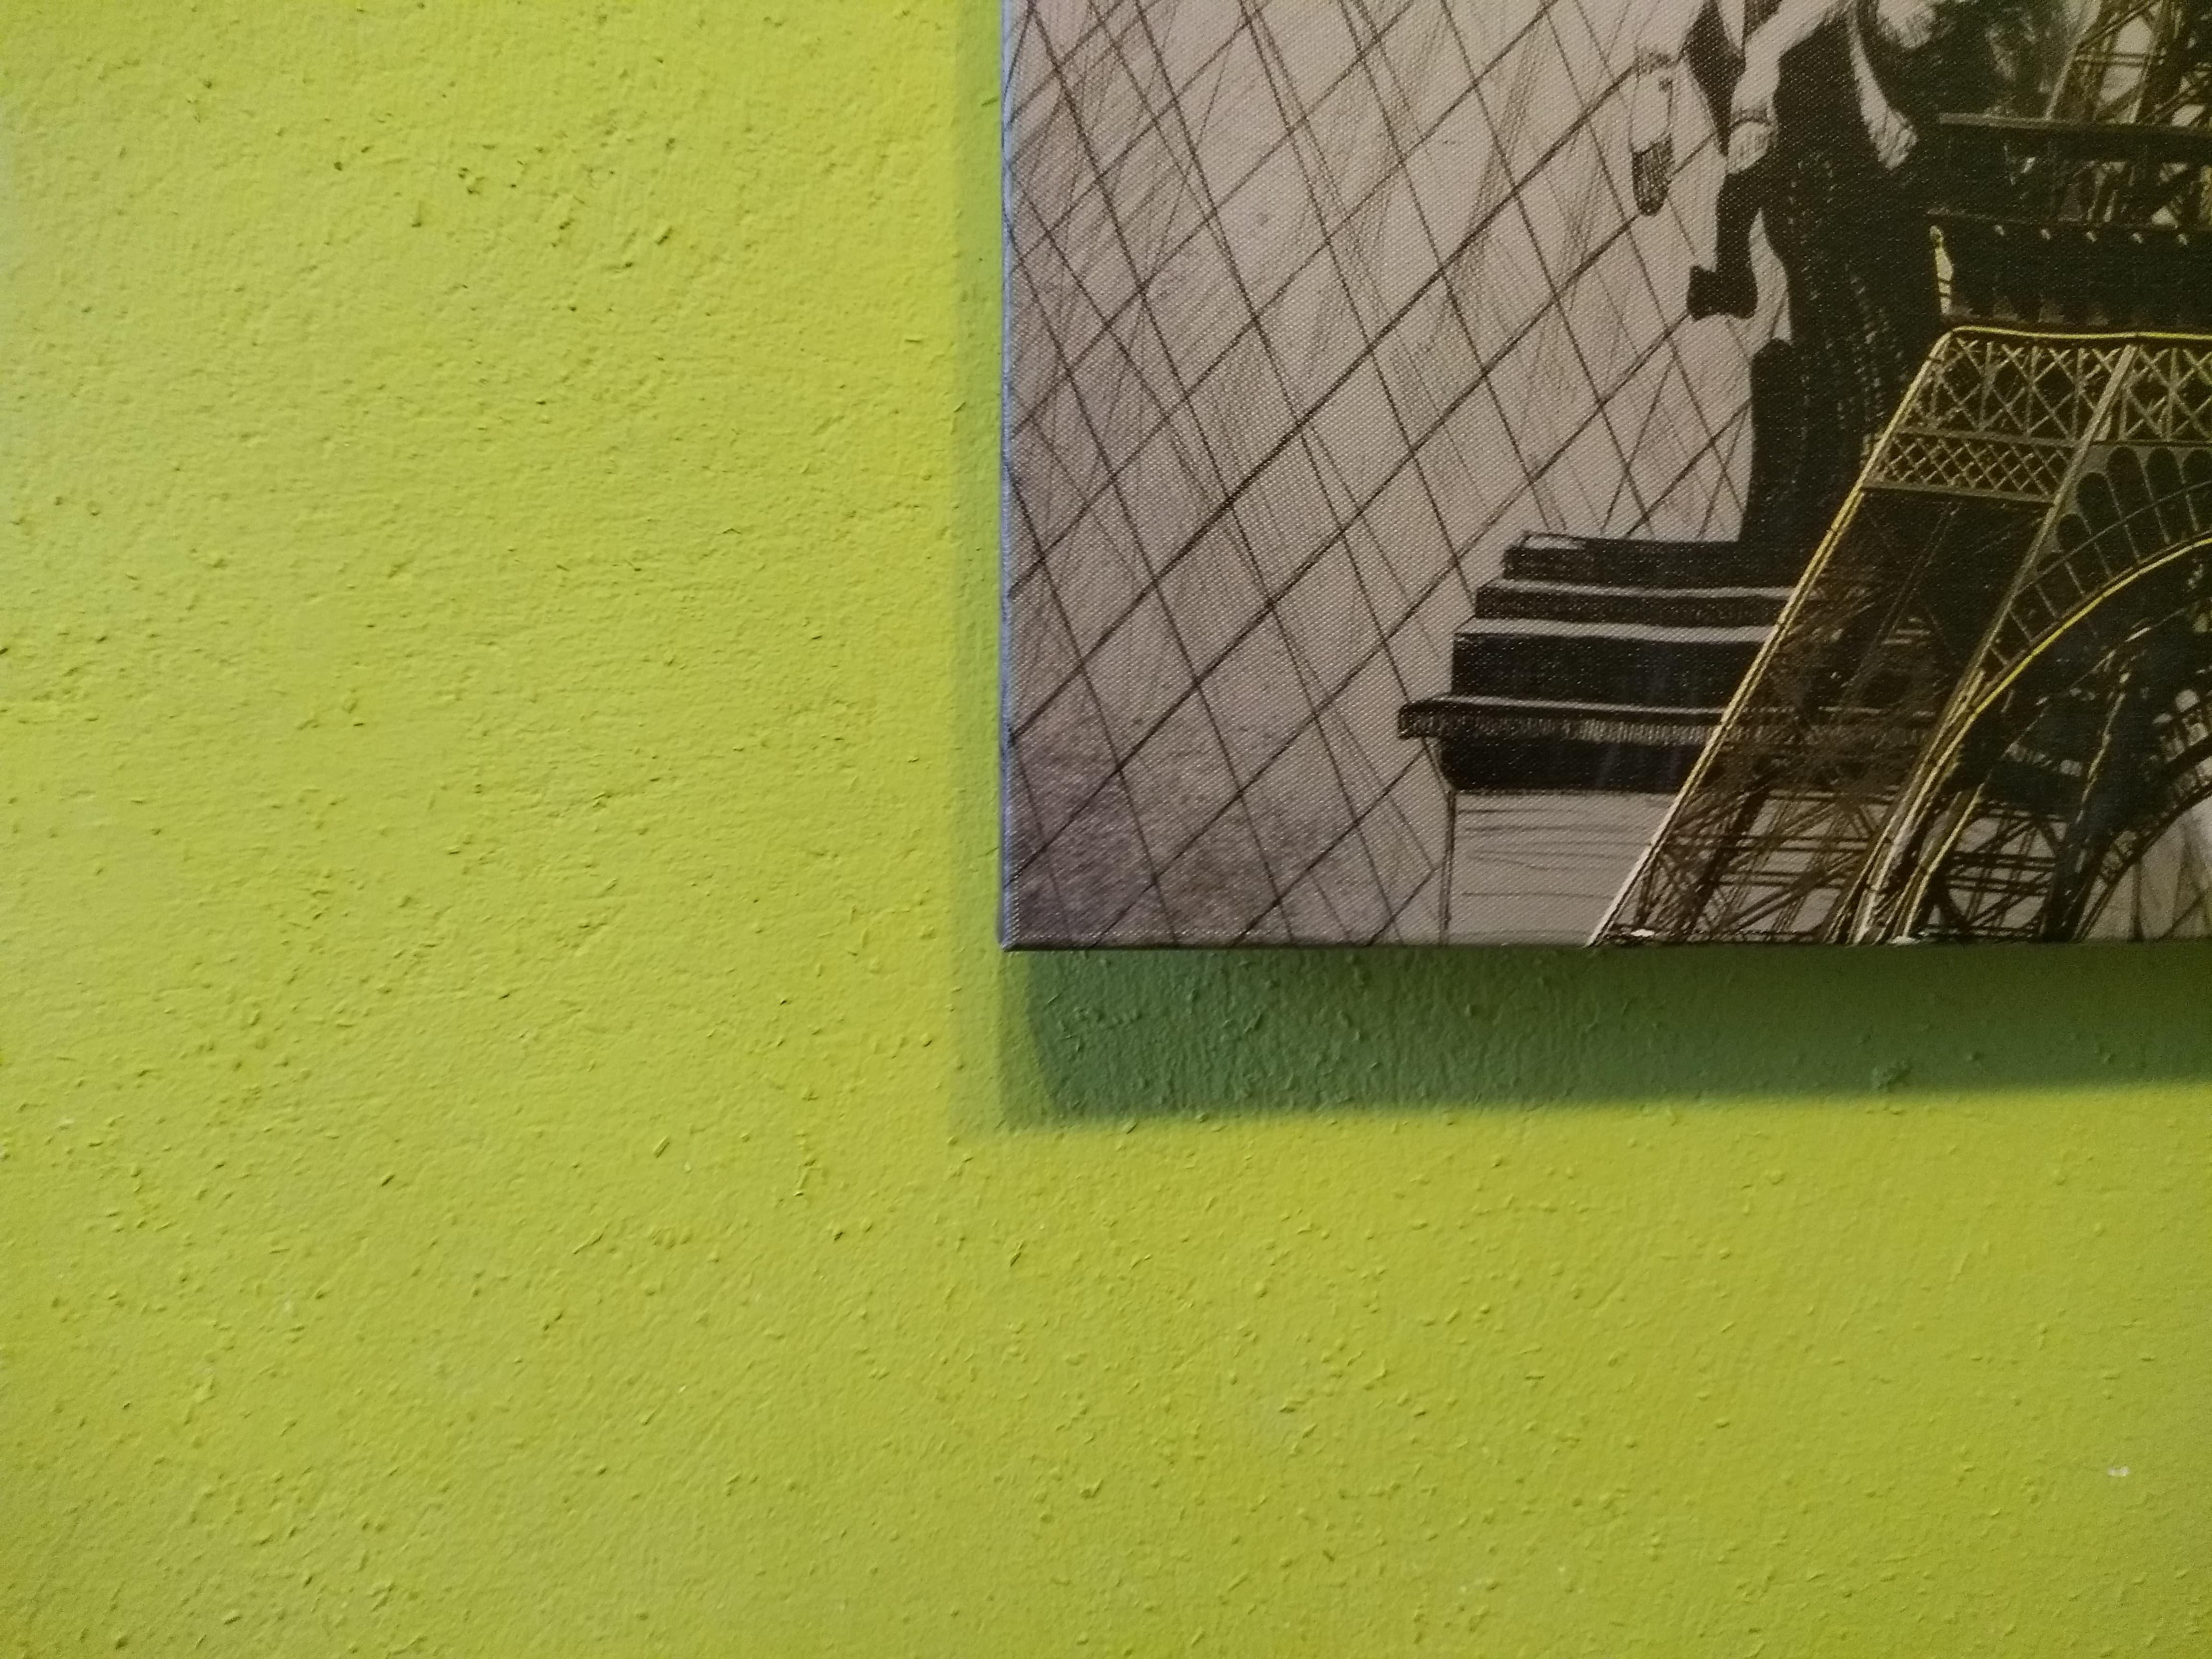 Zdjęcia w pomieszczeniu - Wiko VIEW Prime